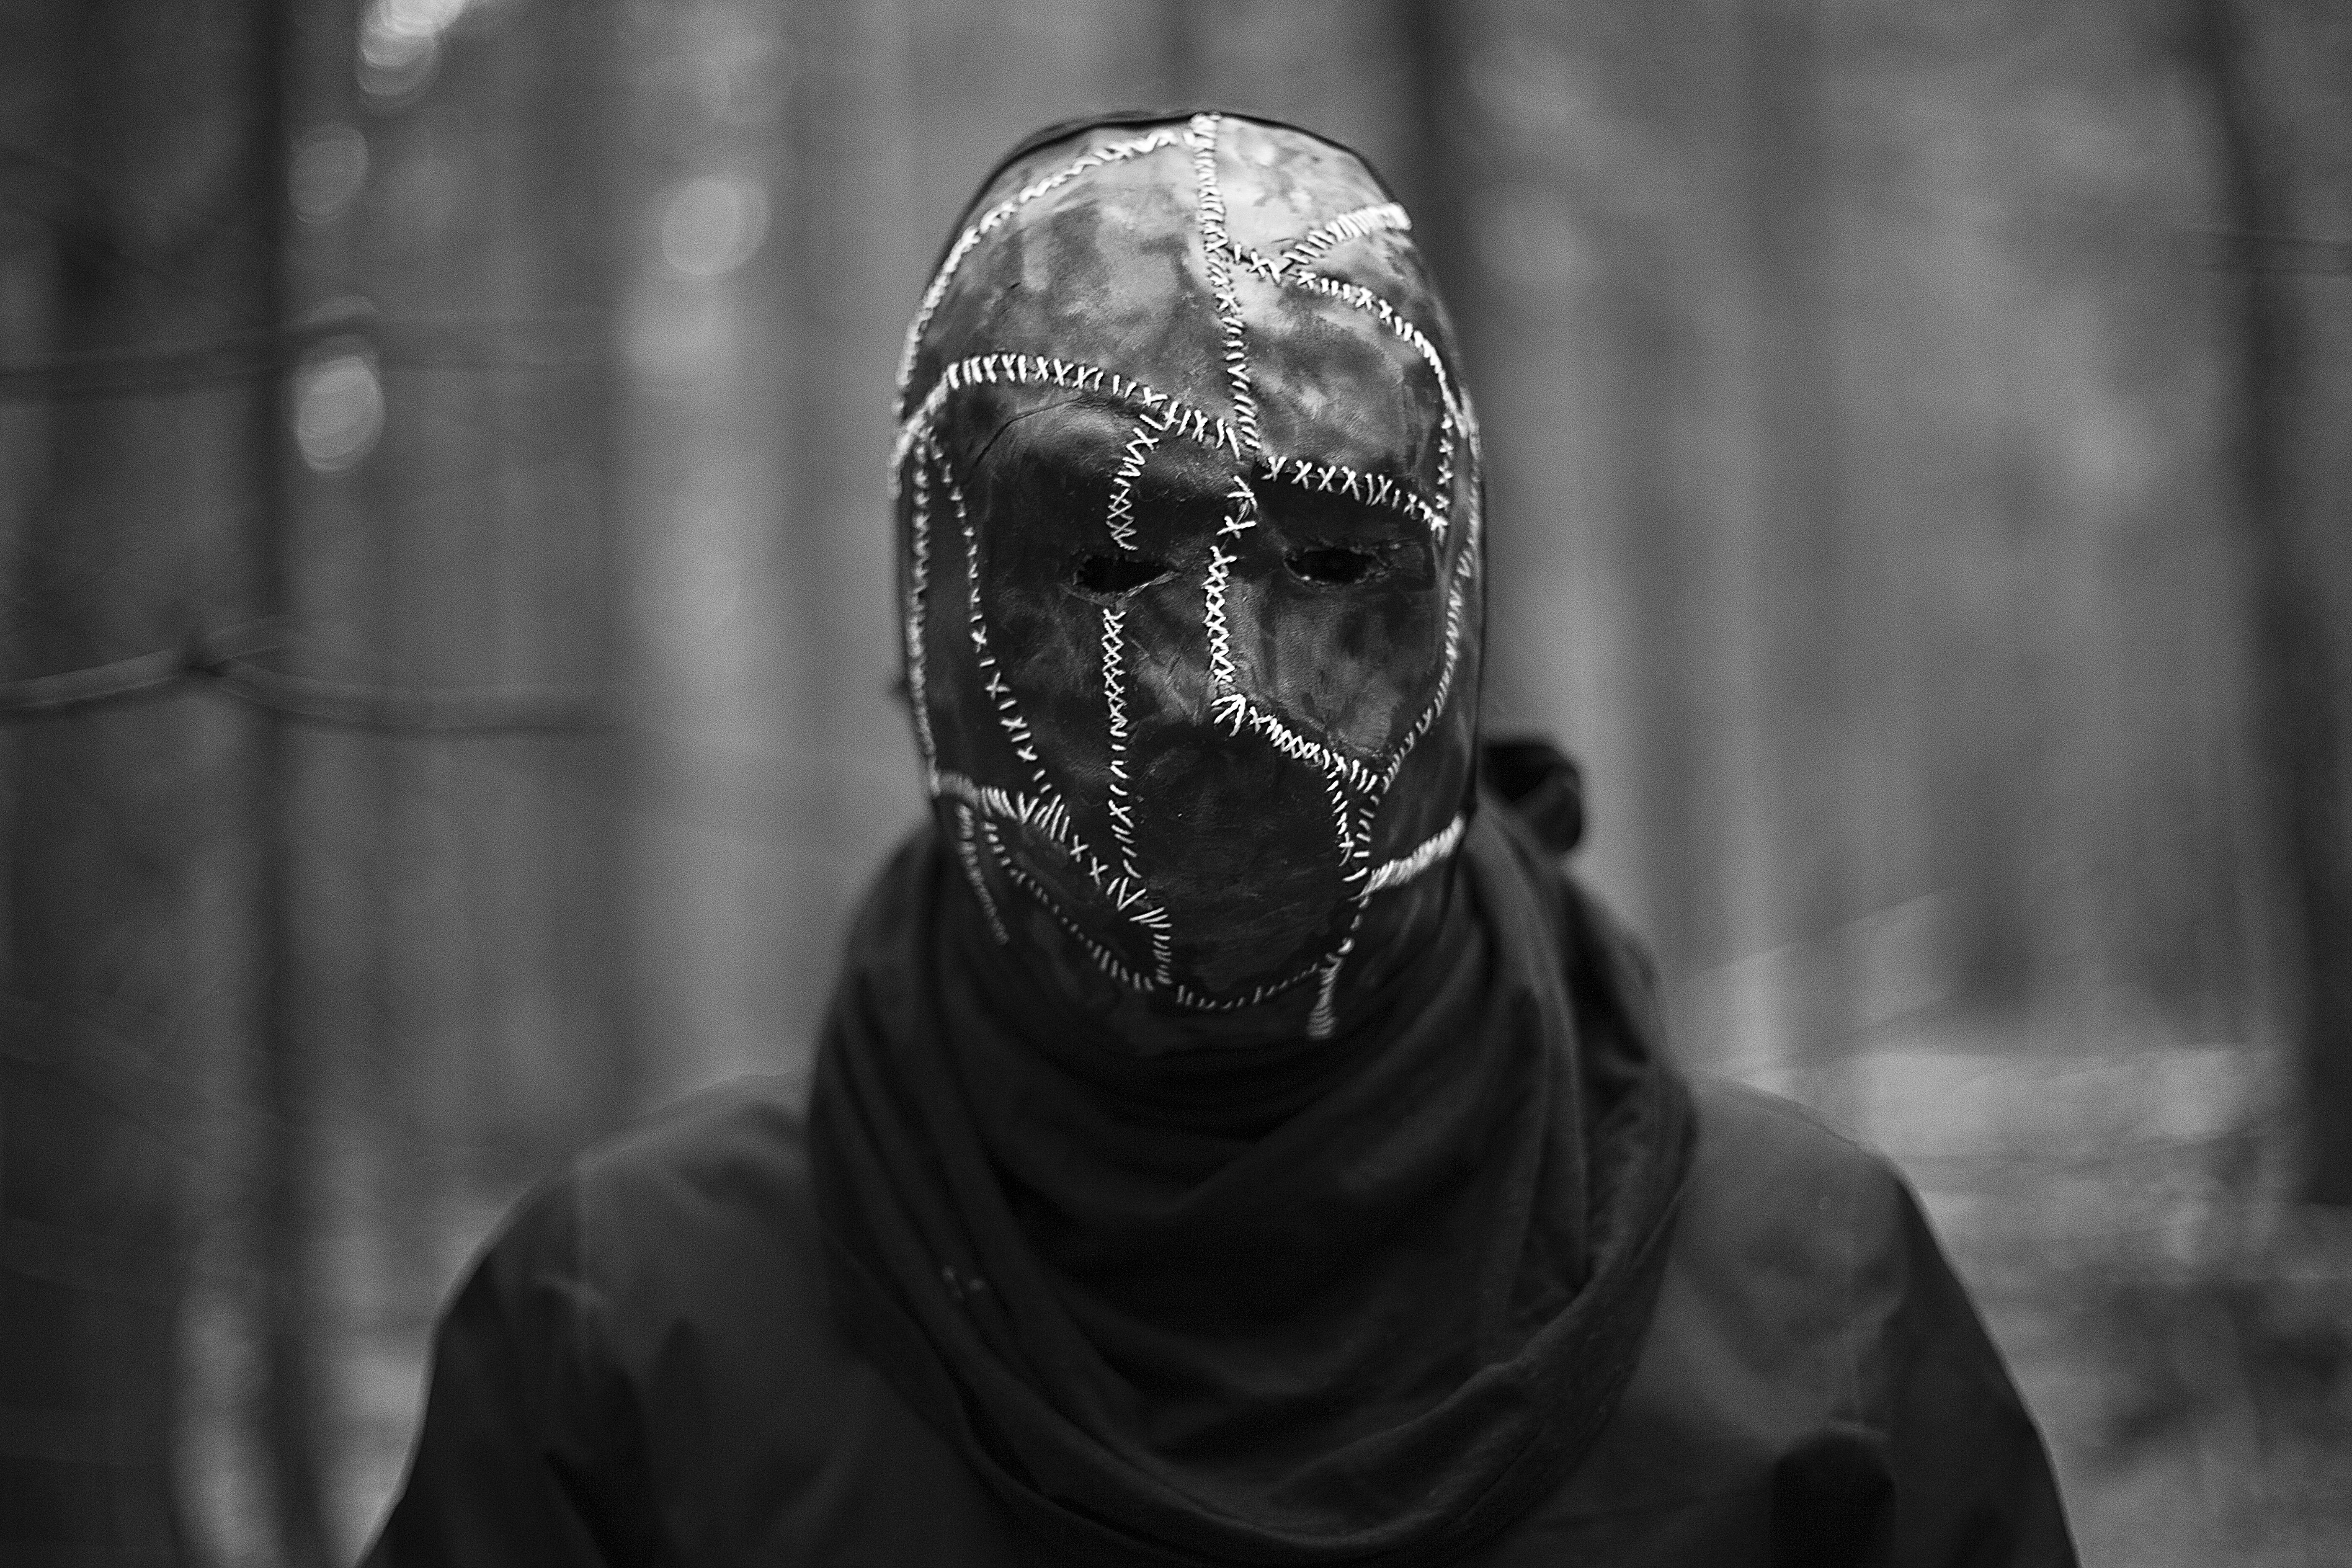 парень в маске картинки ритуалов вуду является